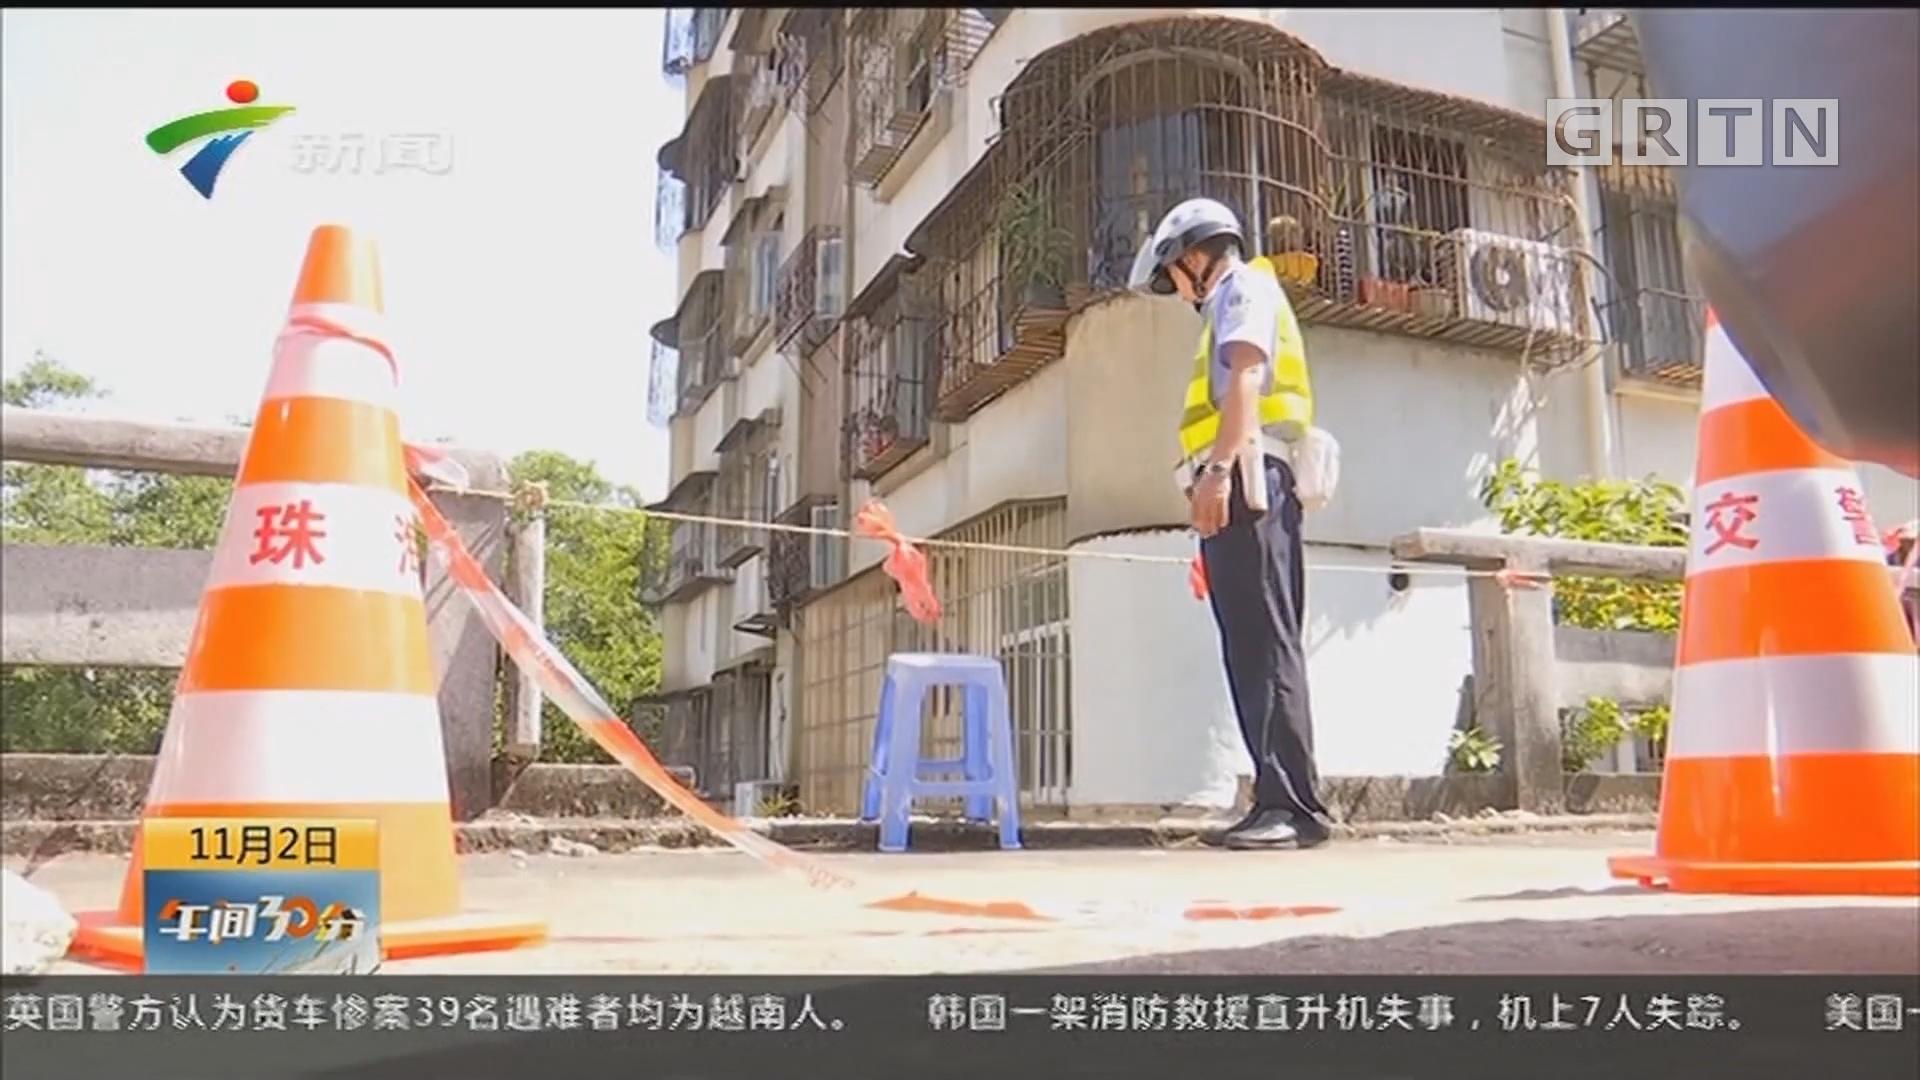 珠海:女子倒车掉下4米高平台 幸无大碍